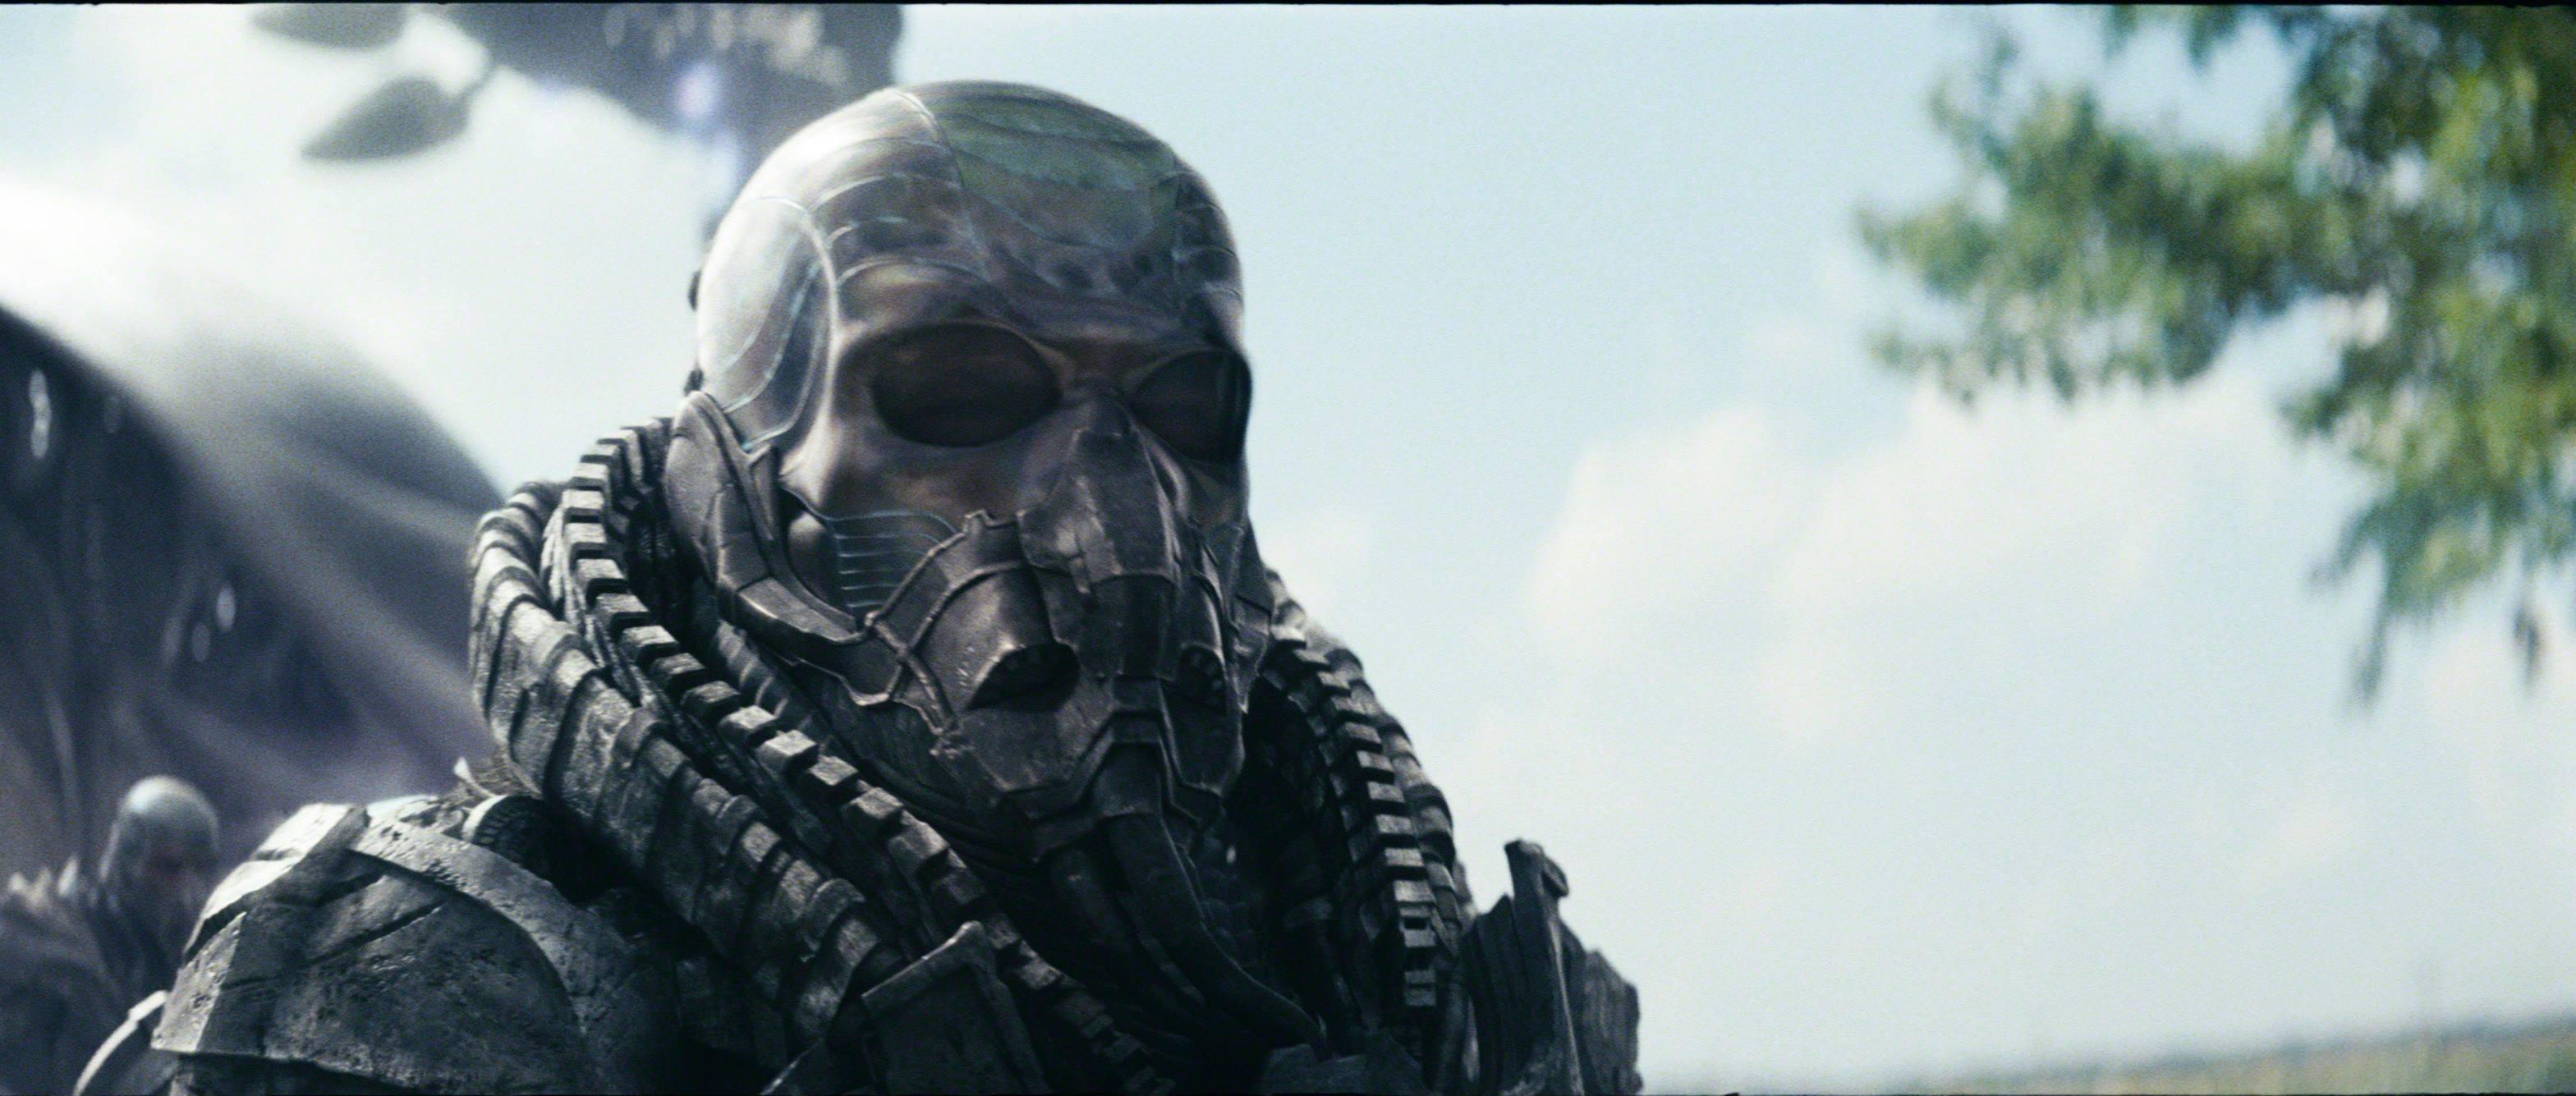 General zod man of steel mask